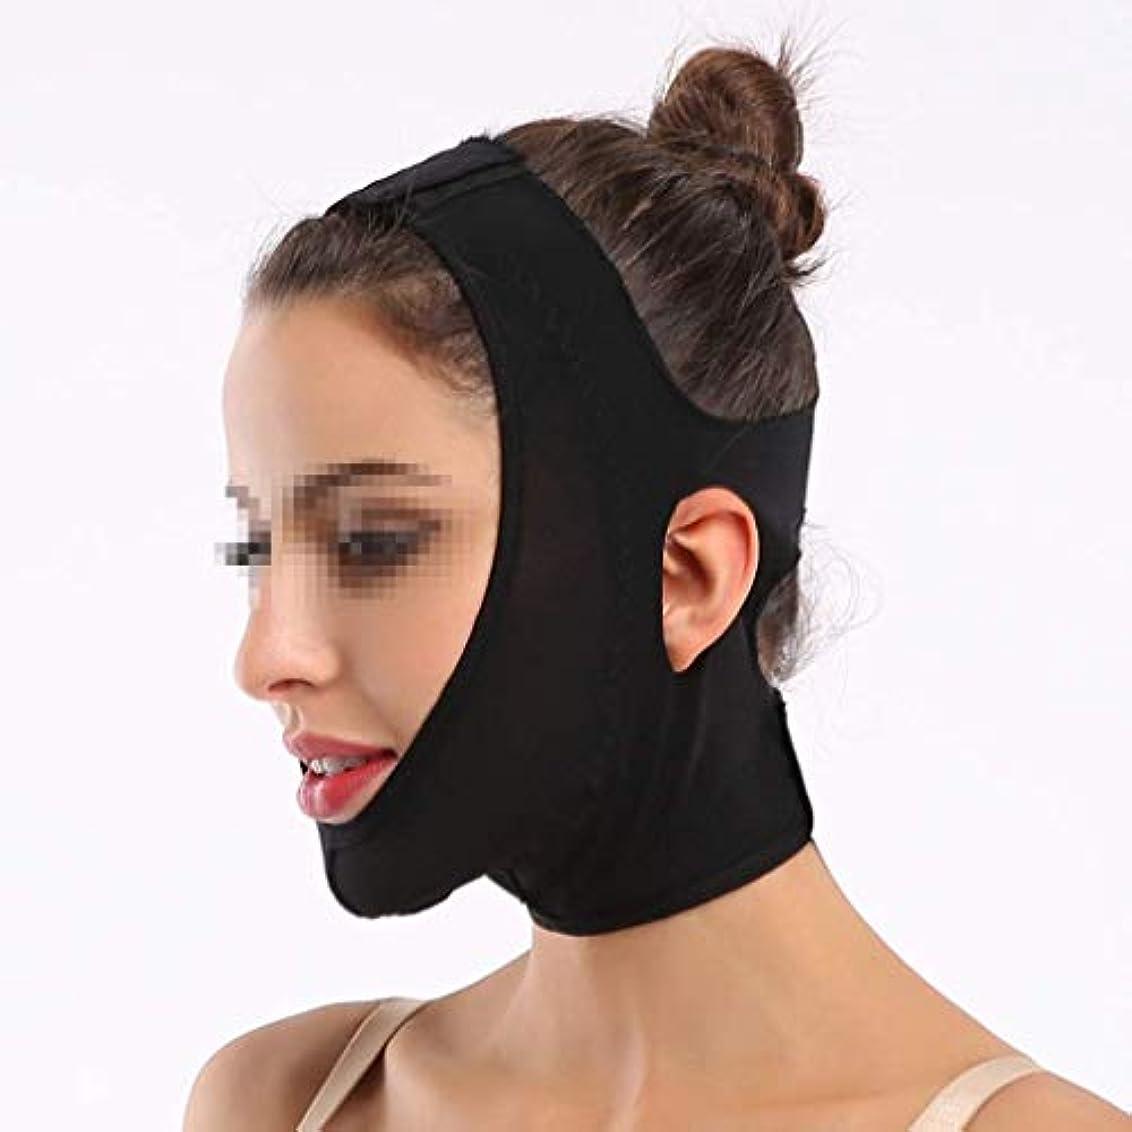 無条件転送漏斗Vフェイスマスク、包帯マスクを持ち上げて引き締めるスキニービューティーサロン1日2時間Vフェイスマッサージ術後回復